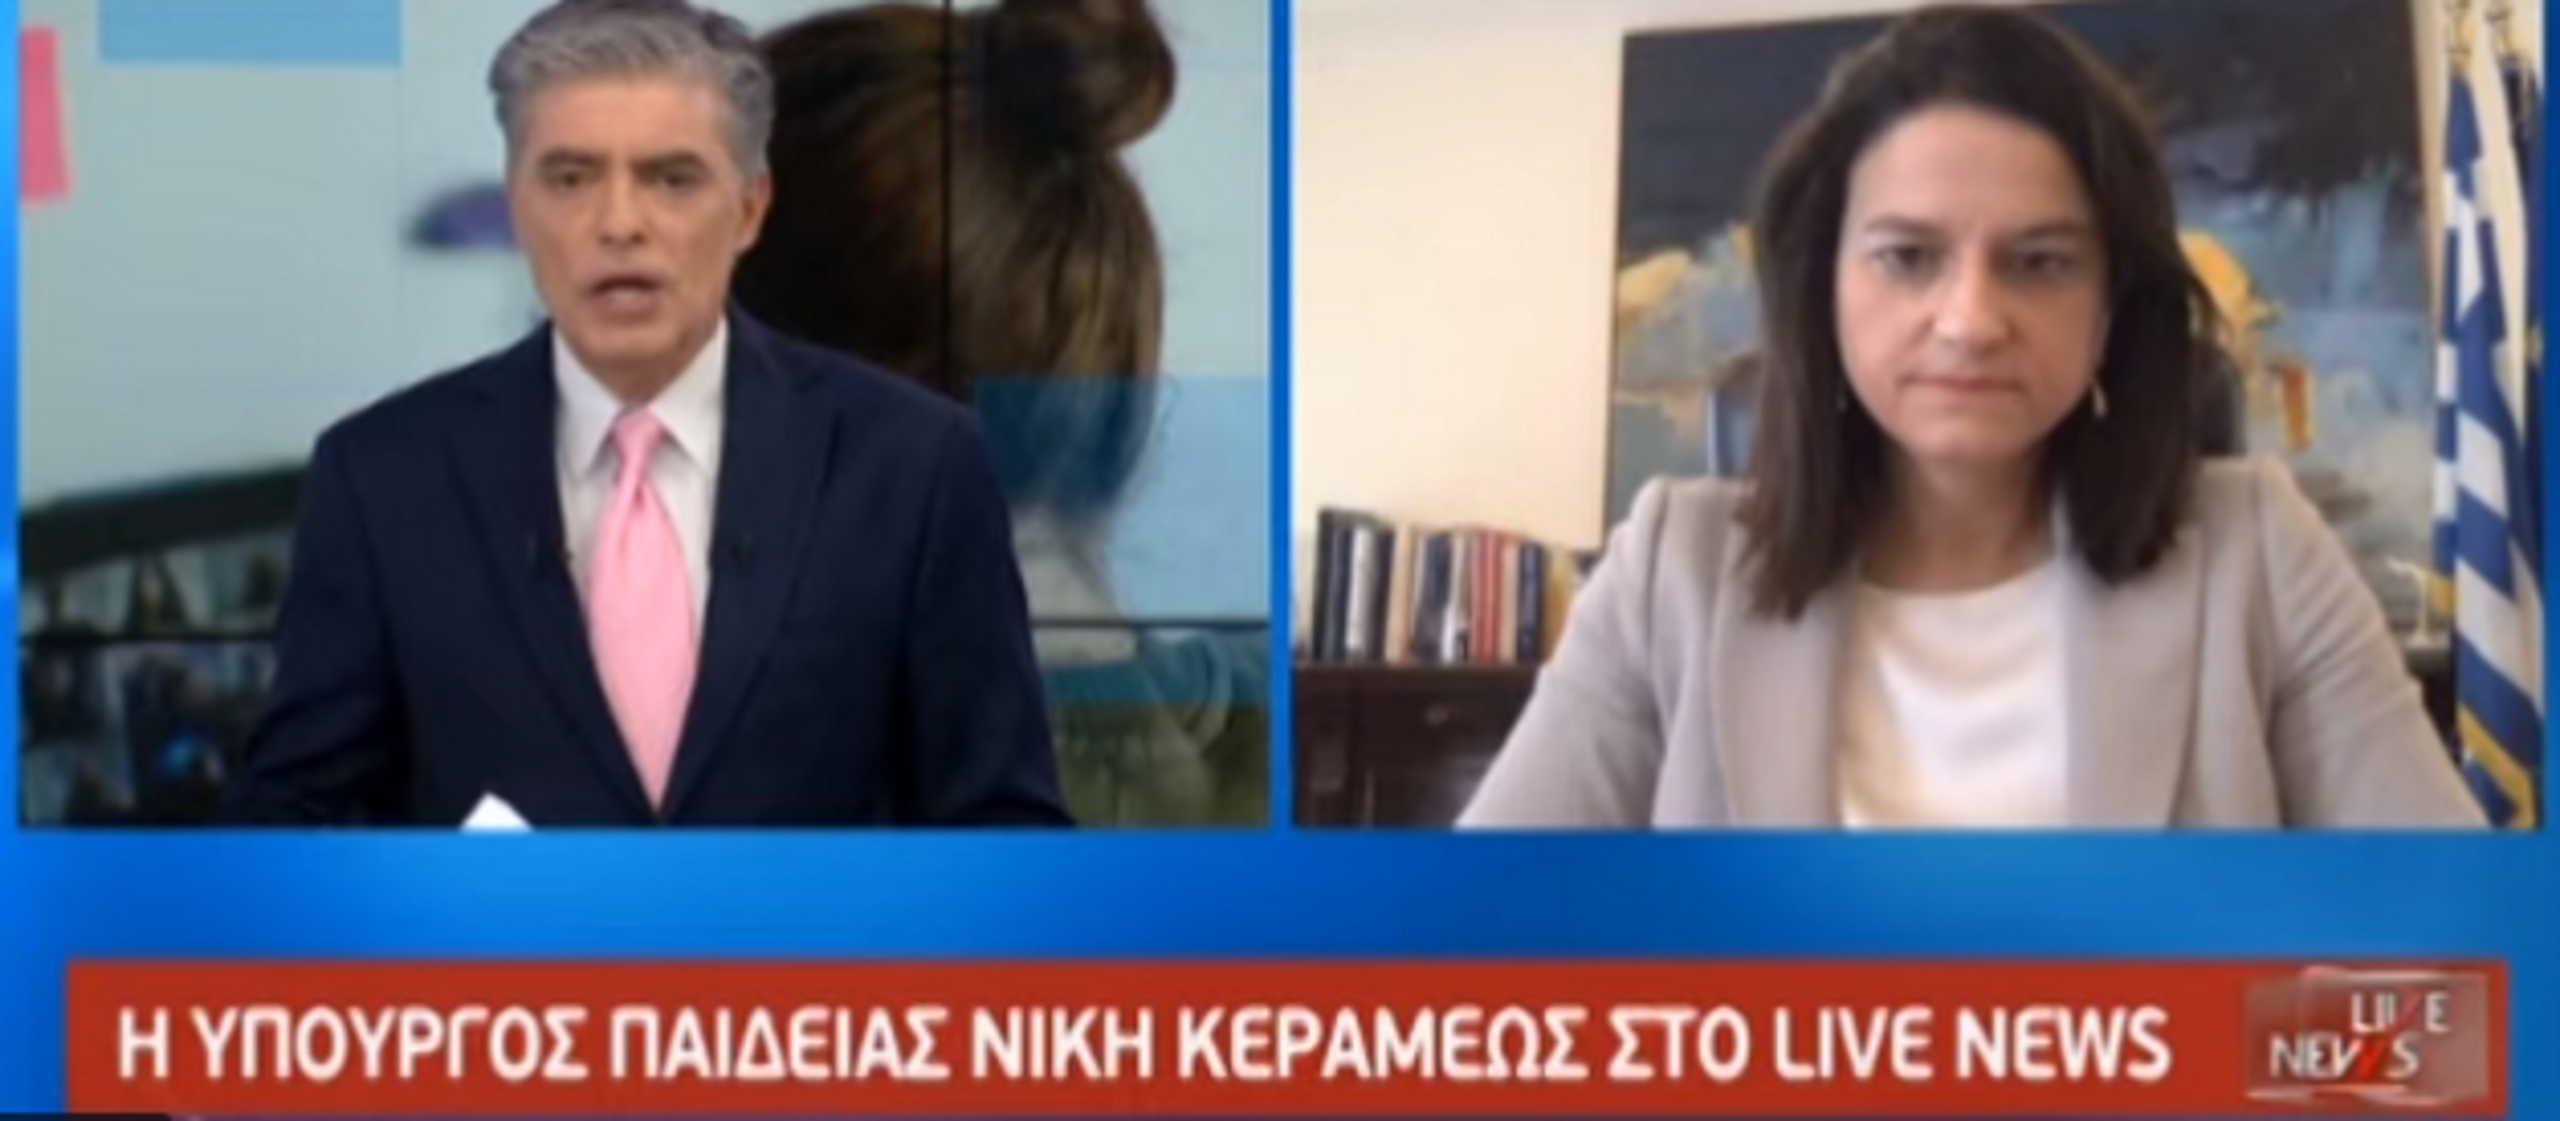 Πανελλήνιες 2020 – Κεραμέως: Ο μόνος τρόπος να γίνουν Σεπτέμβρη είναι να το πει ο Τσιόδρας